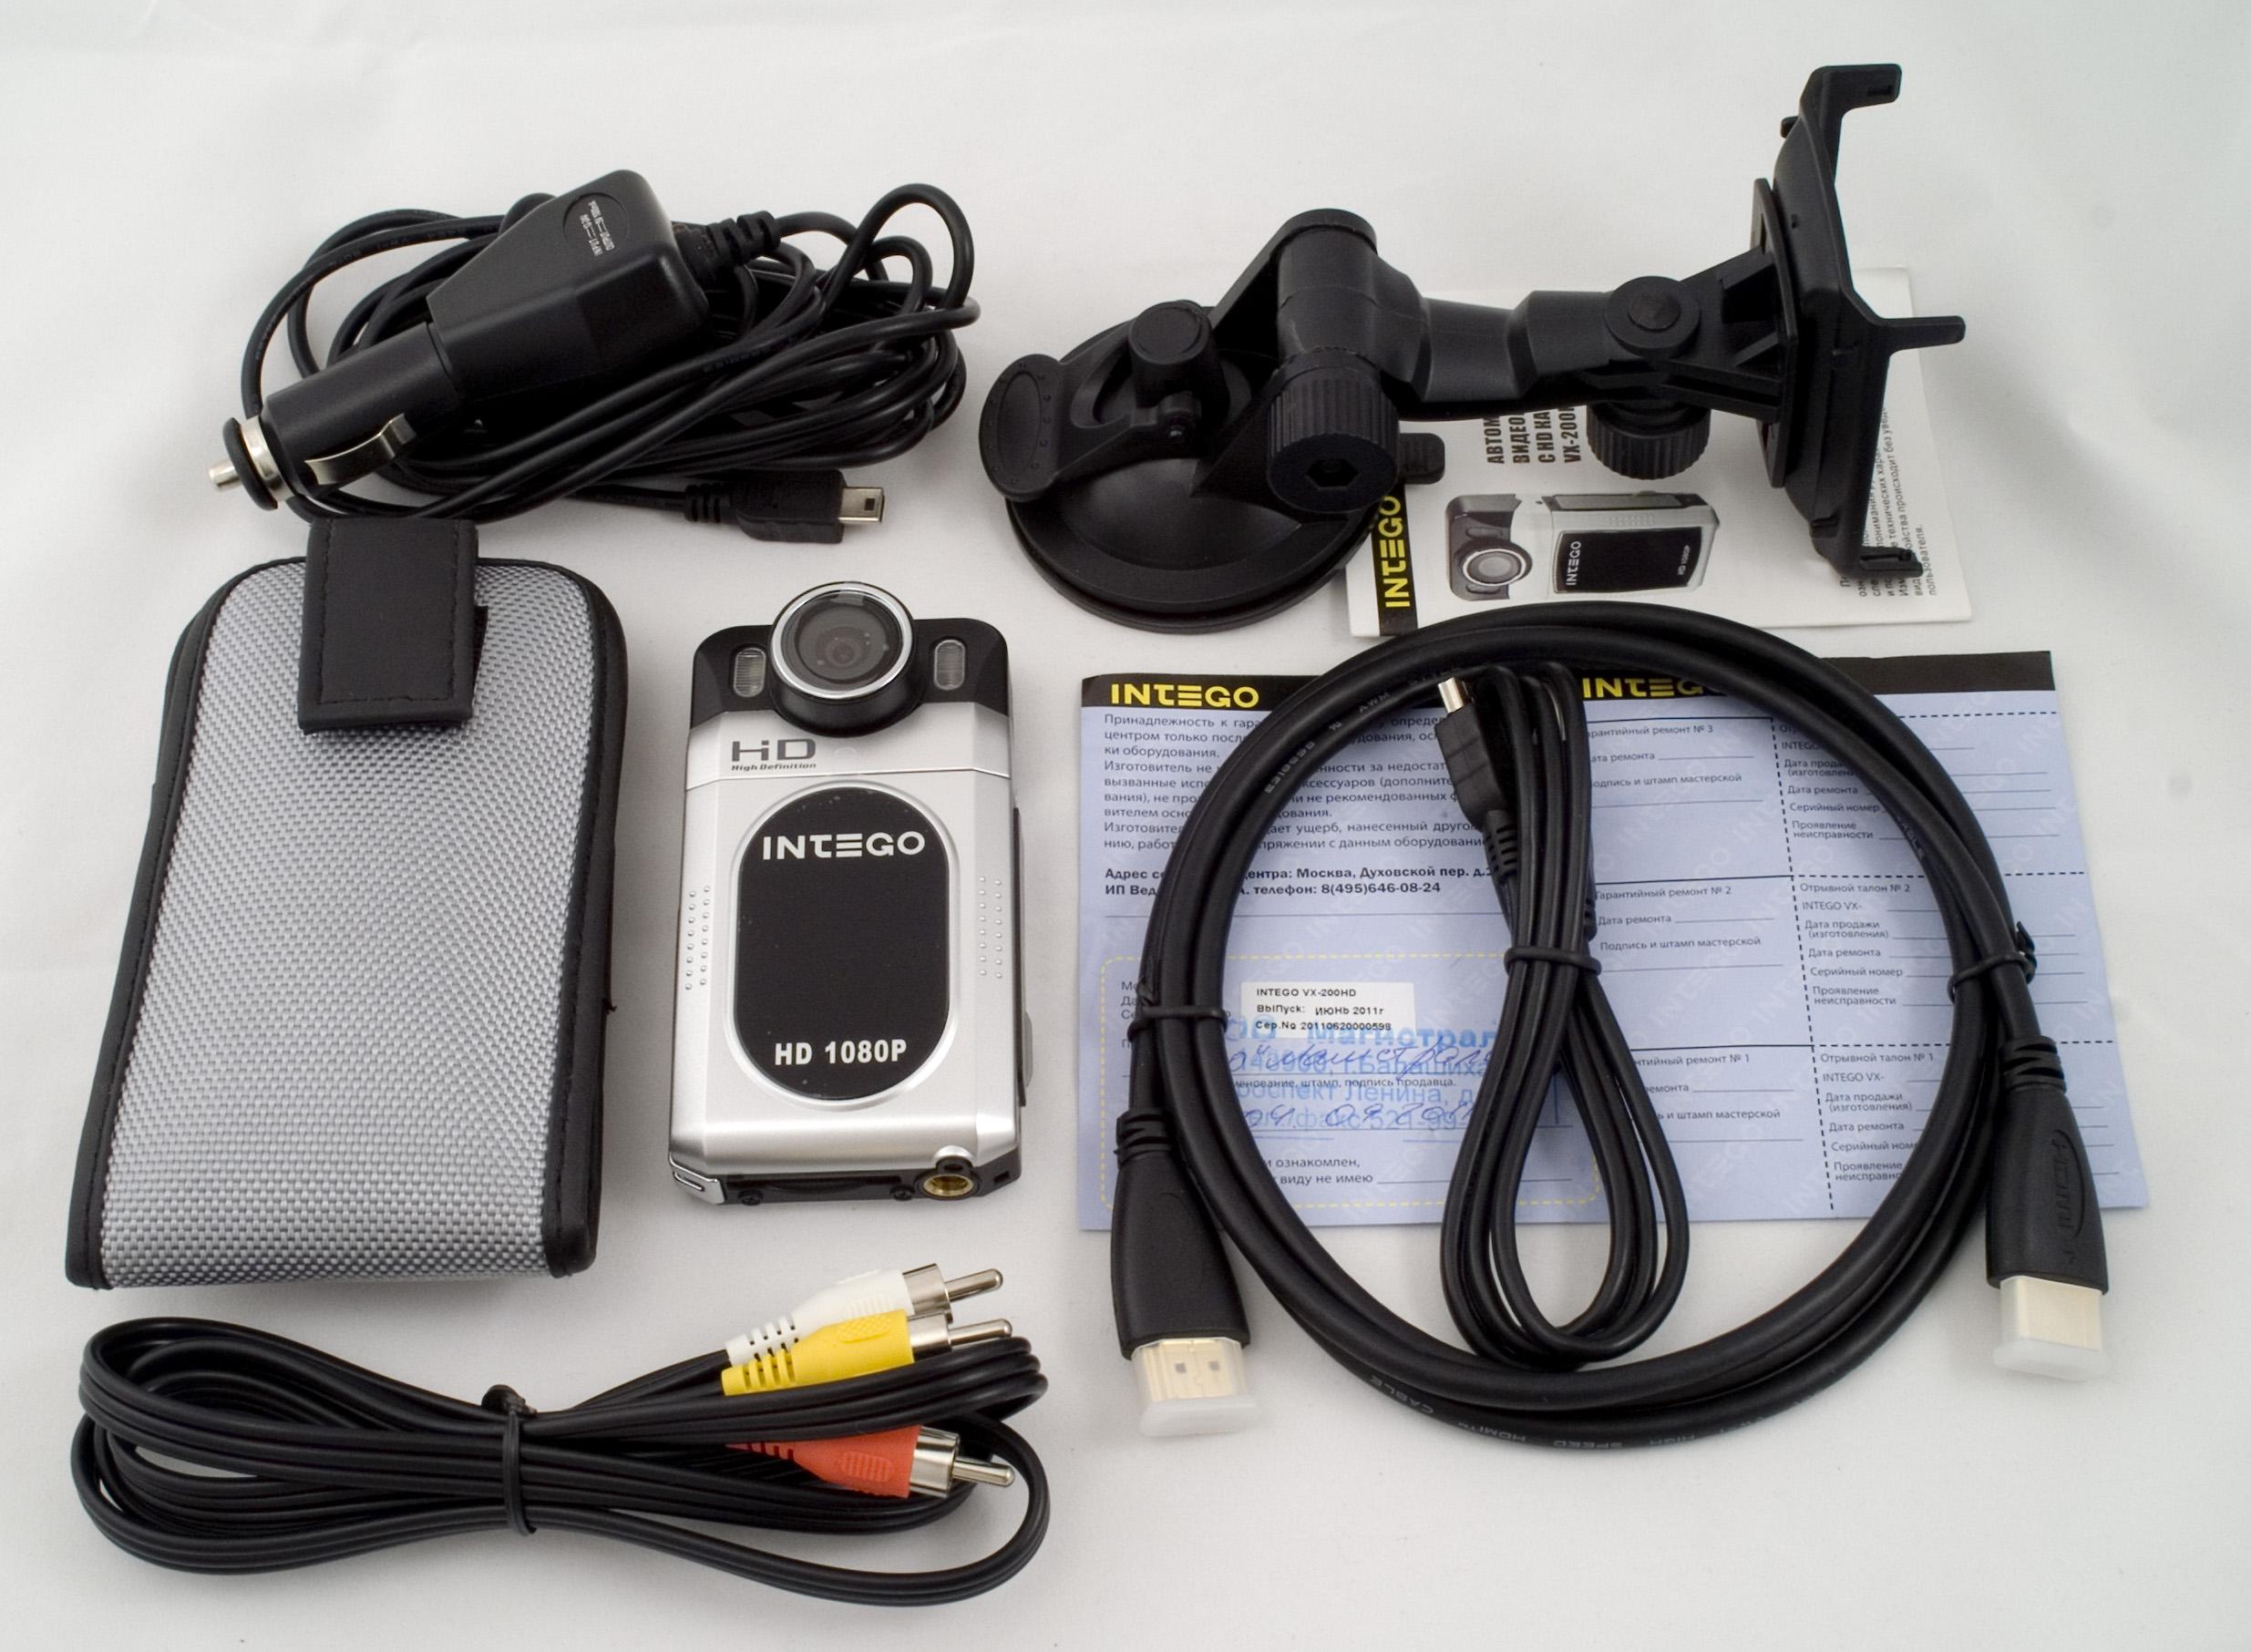 инструкция по эксплуатации видеорегистратора intego vx-250hd скачать